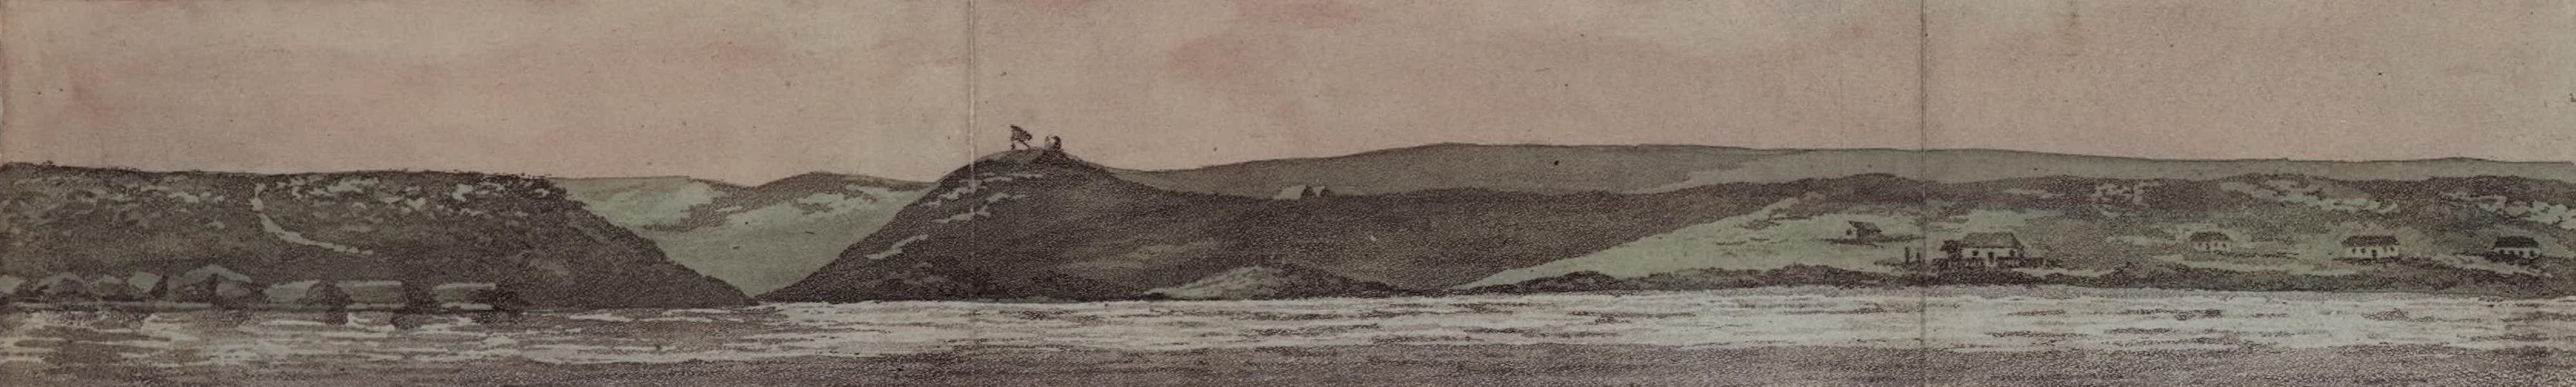 De Kaffers aan de Zuidkust van Afrika - Gezigt van de Afrikaansche Kust bij de Algoa-Baai (1810)